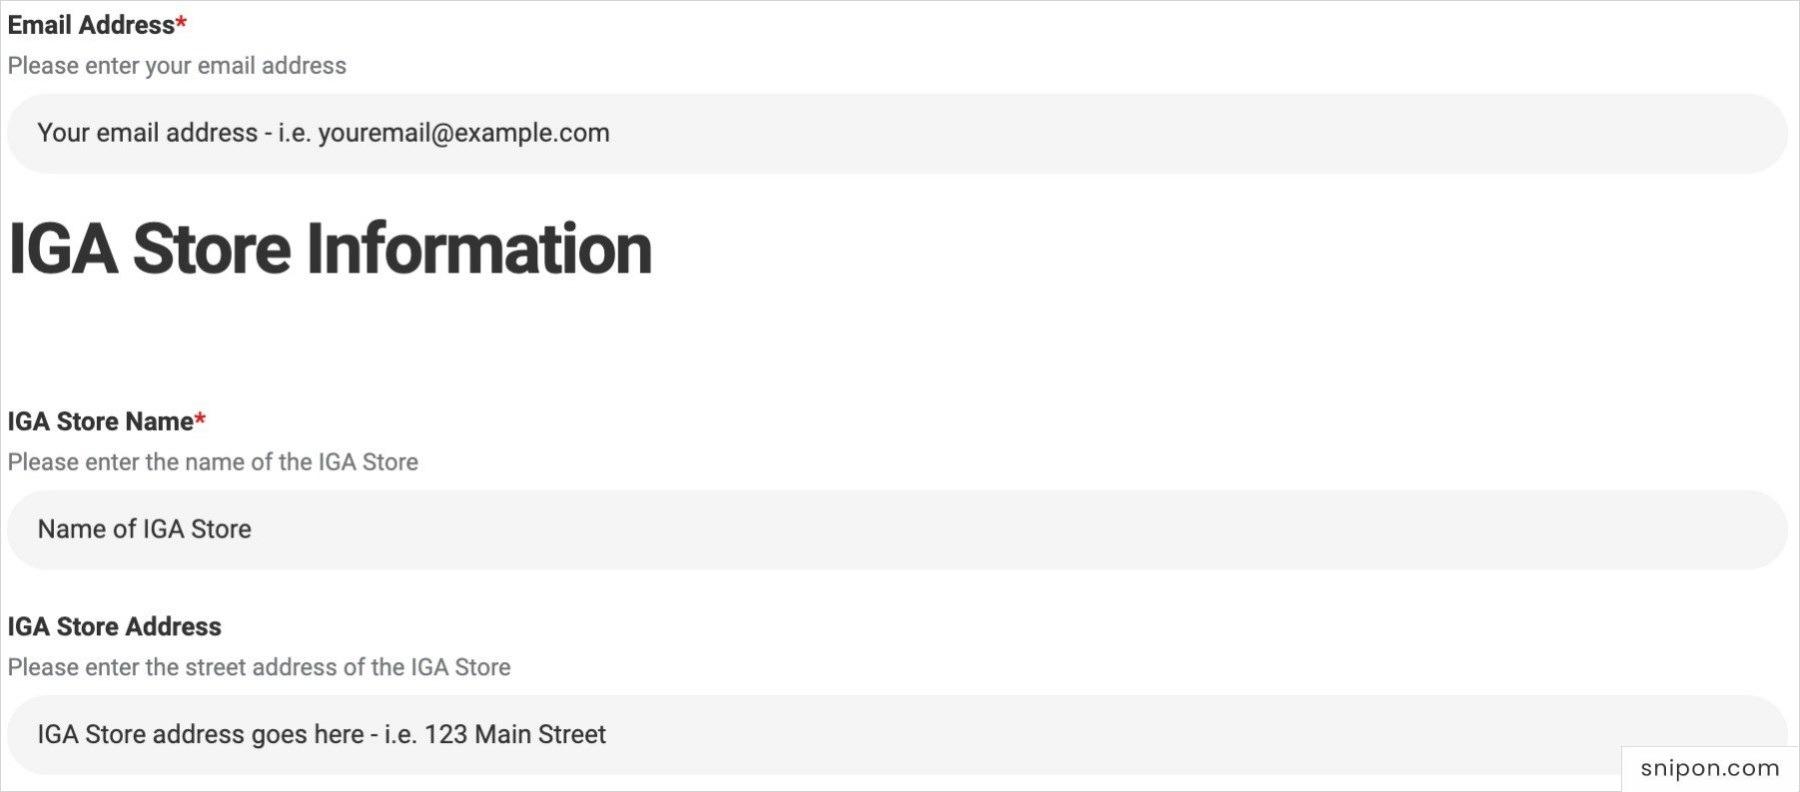 Enter Email, IGA Store Name & Address - IGA Store Feedback